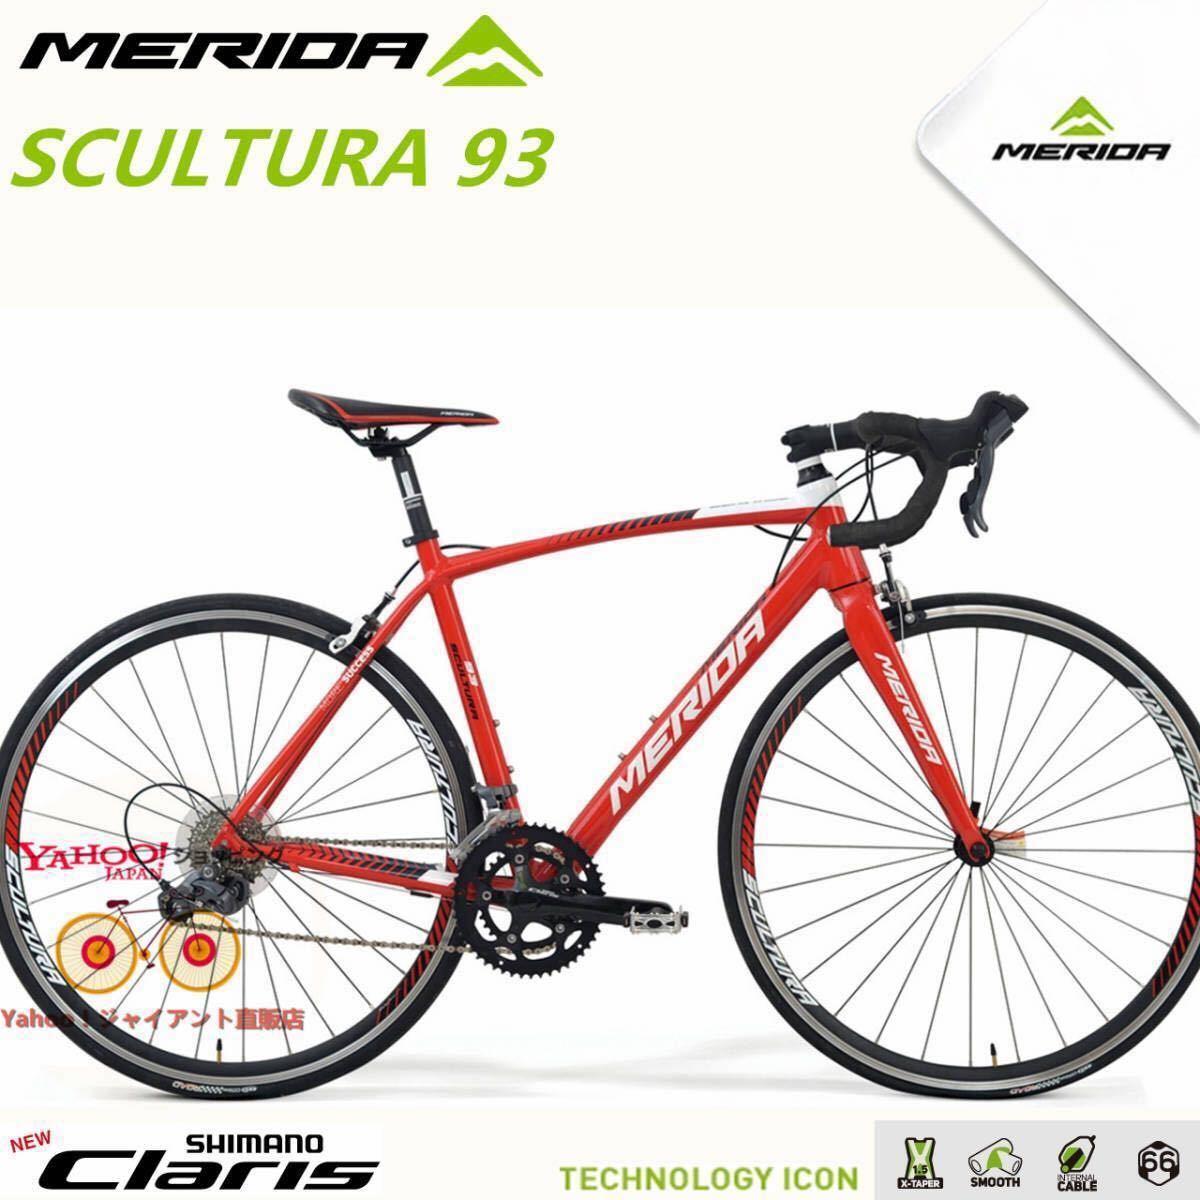 メリダ MERIDA 2018モデル スクルトゥーラ SCULTURA 93 超軽量 アルミ ロードバイク 16速 シマノ2400 700*23C_画像9